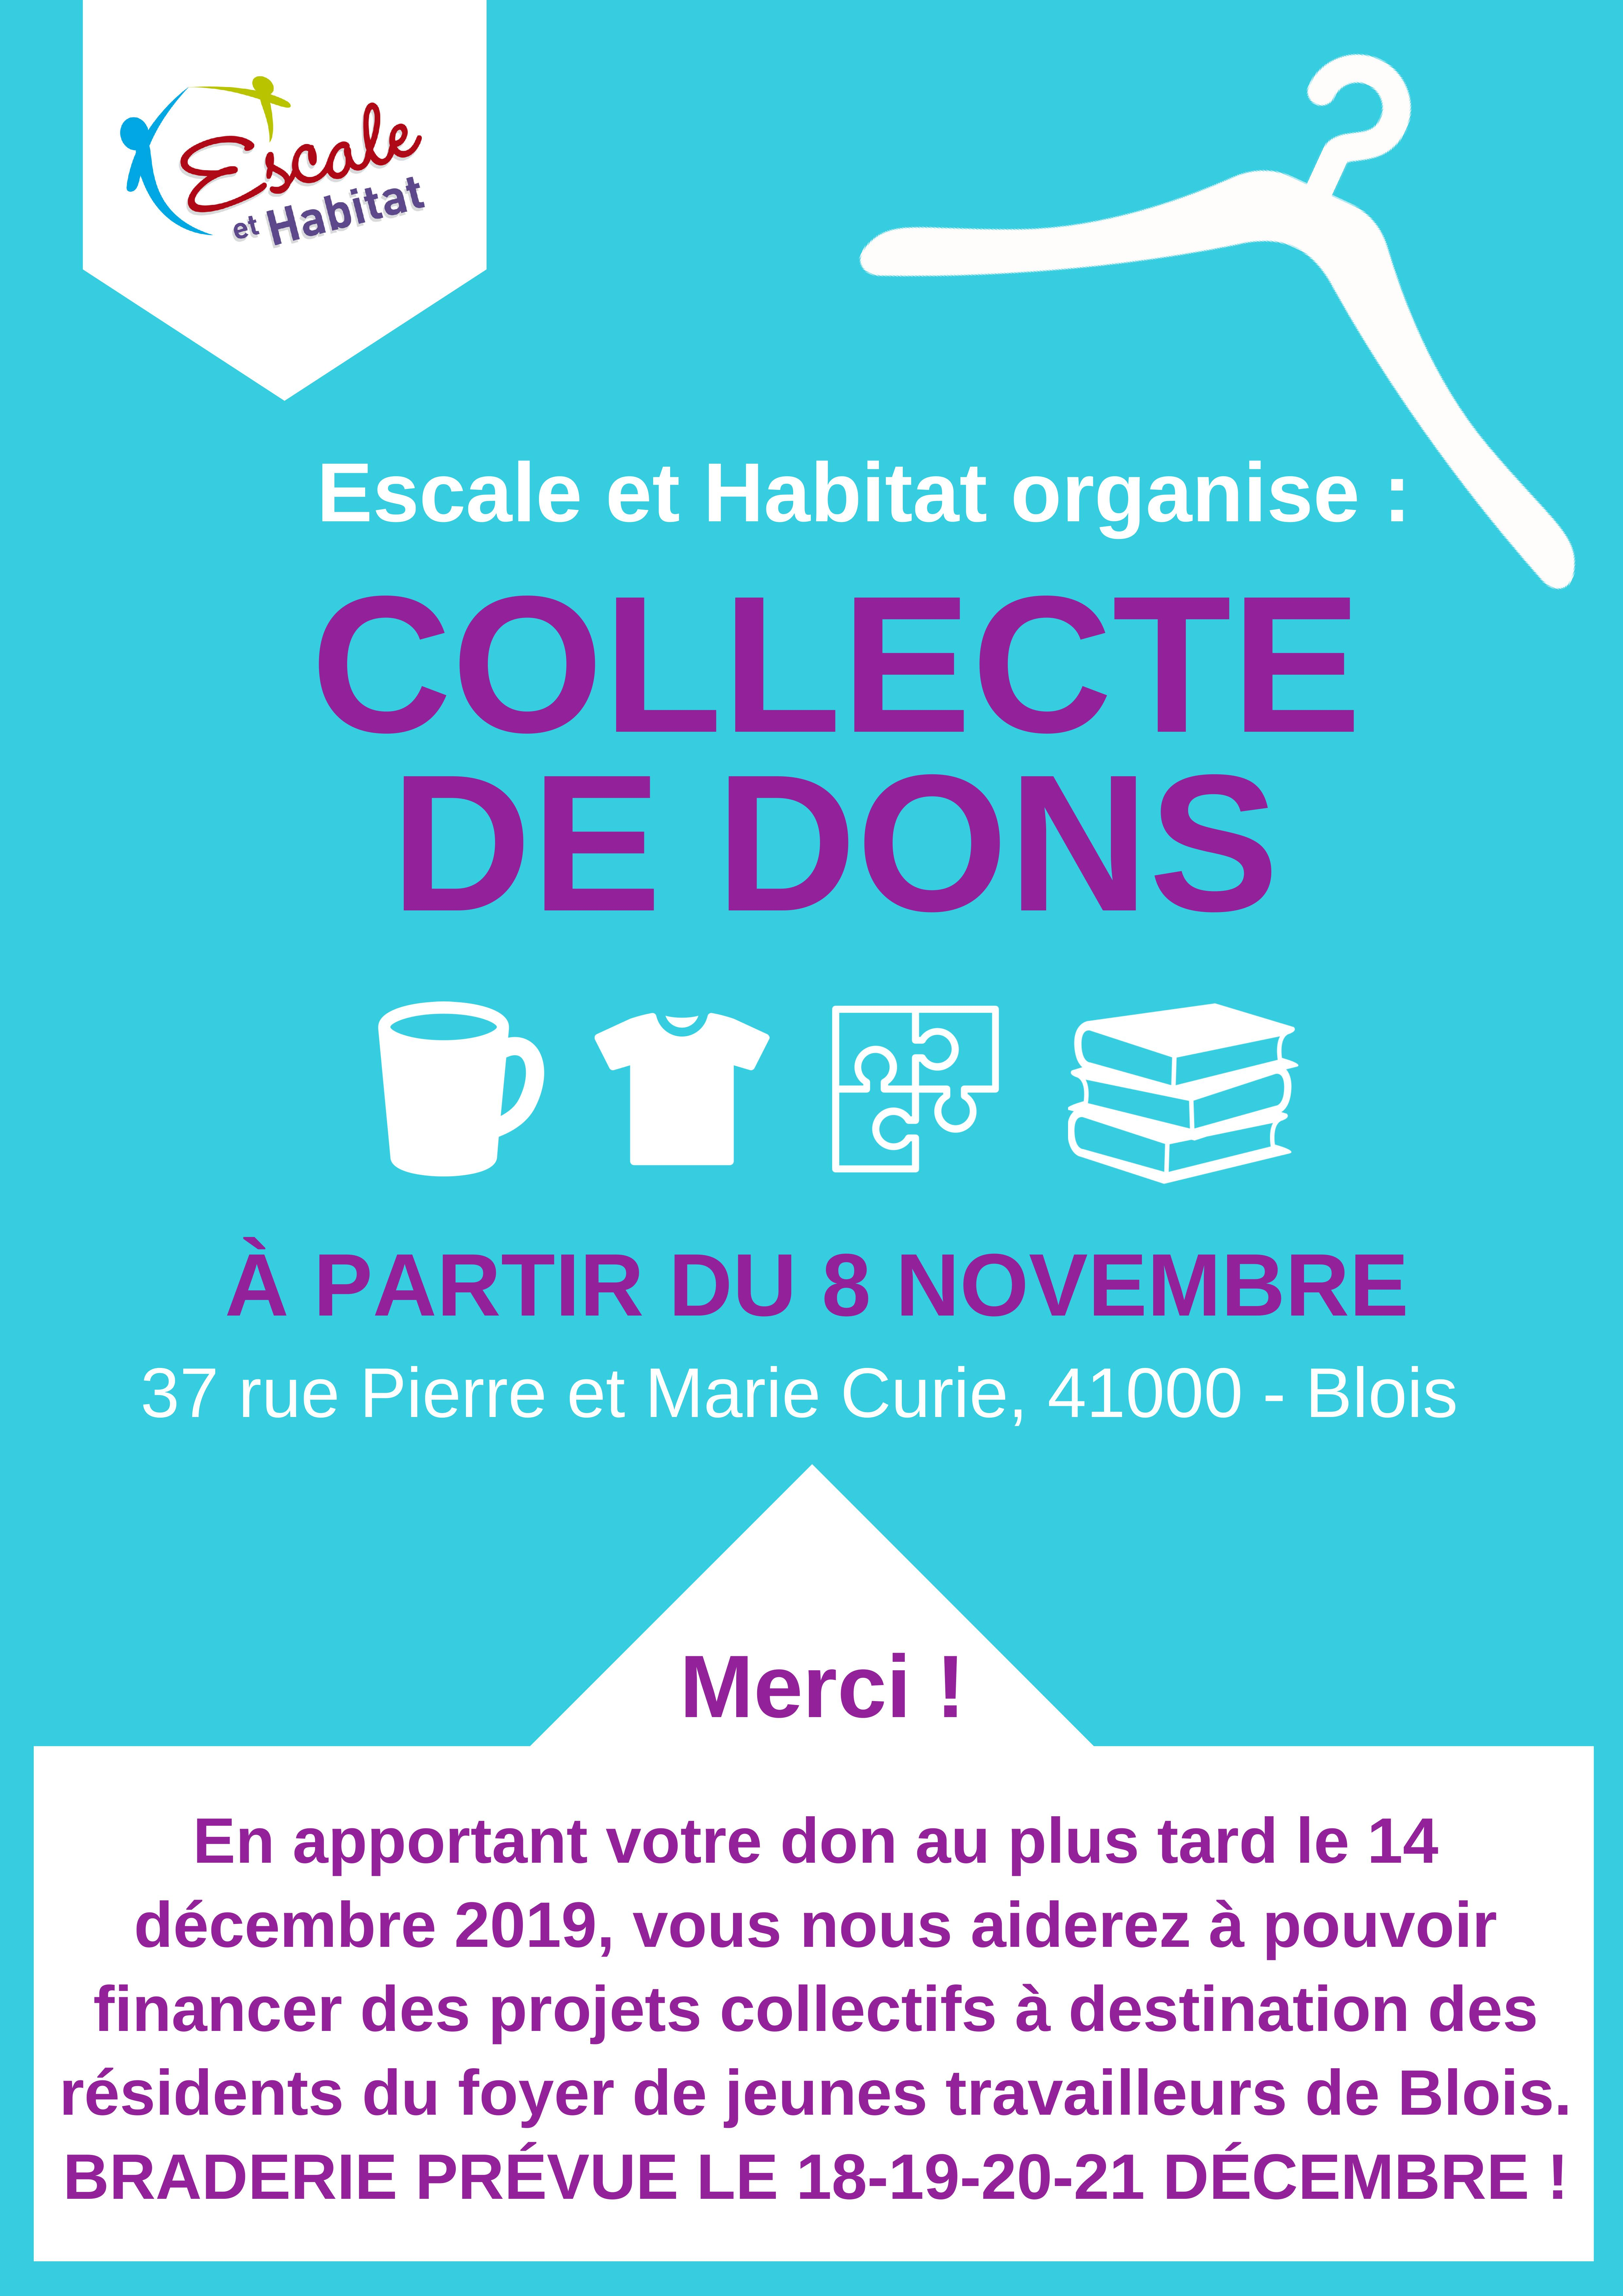 Collecte de Dons Escale et Habiat FJT Blois